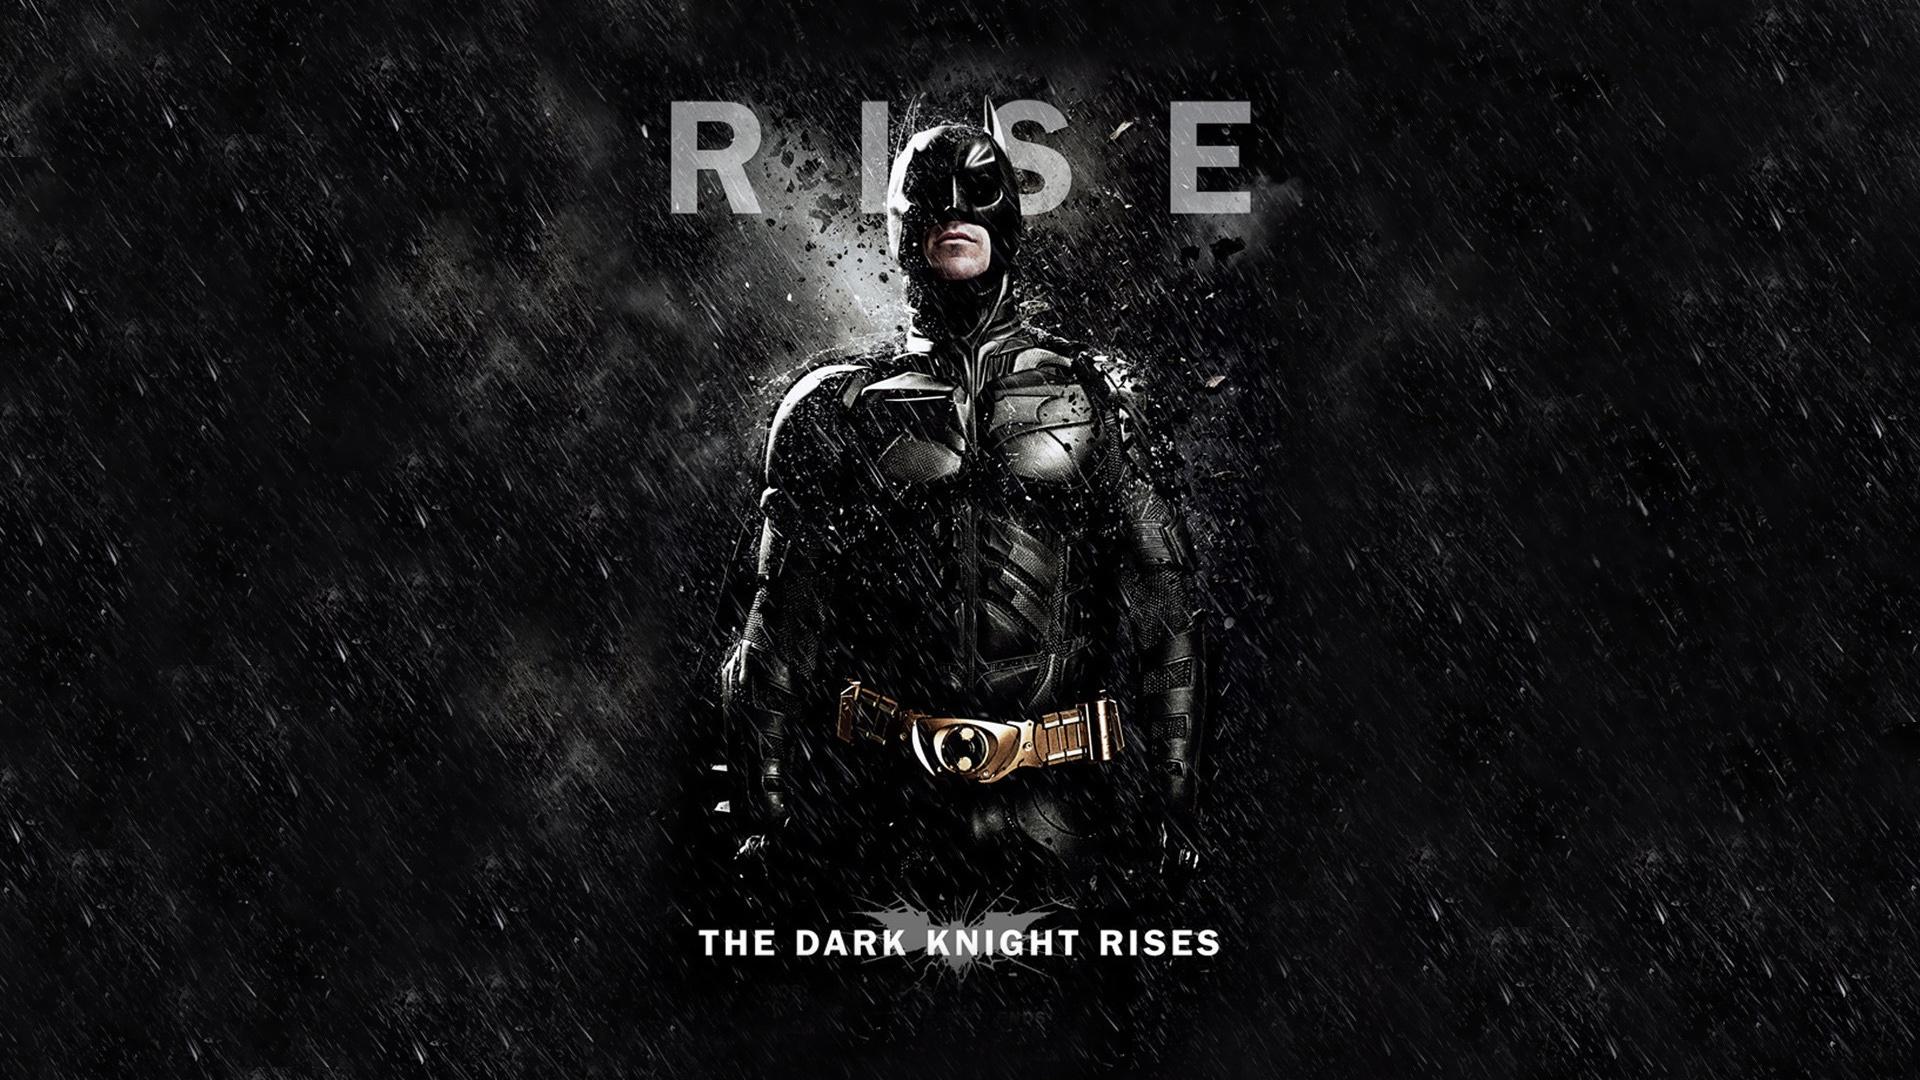 The Dark Knight Rises Batman Wallpaper Hd 10 000 Fonds D Ecran